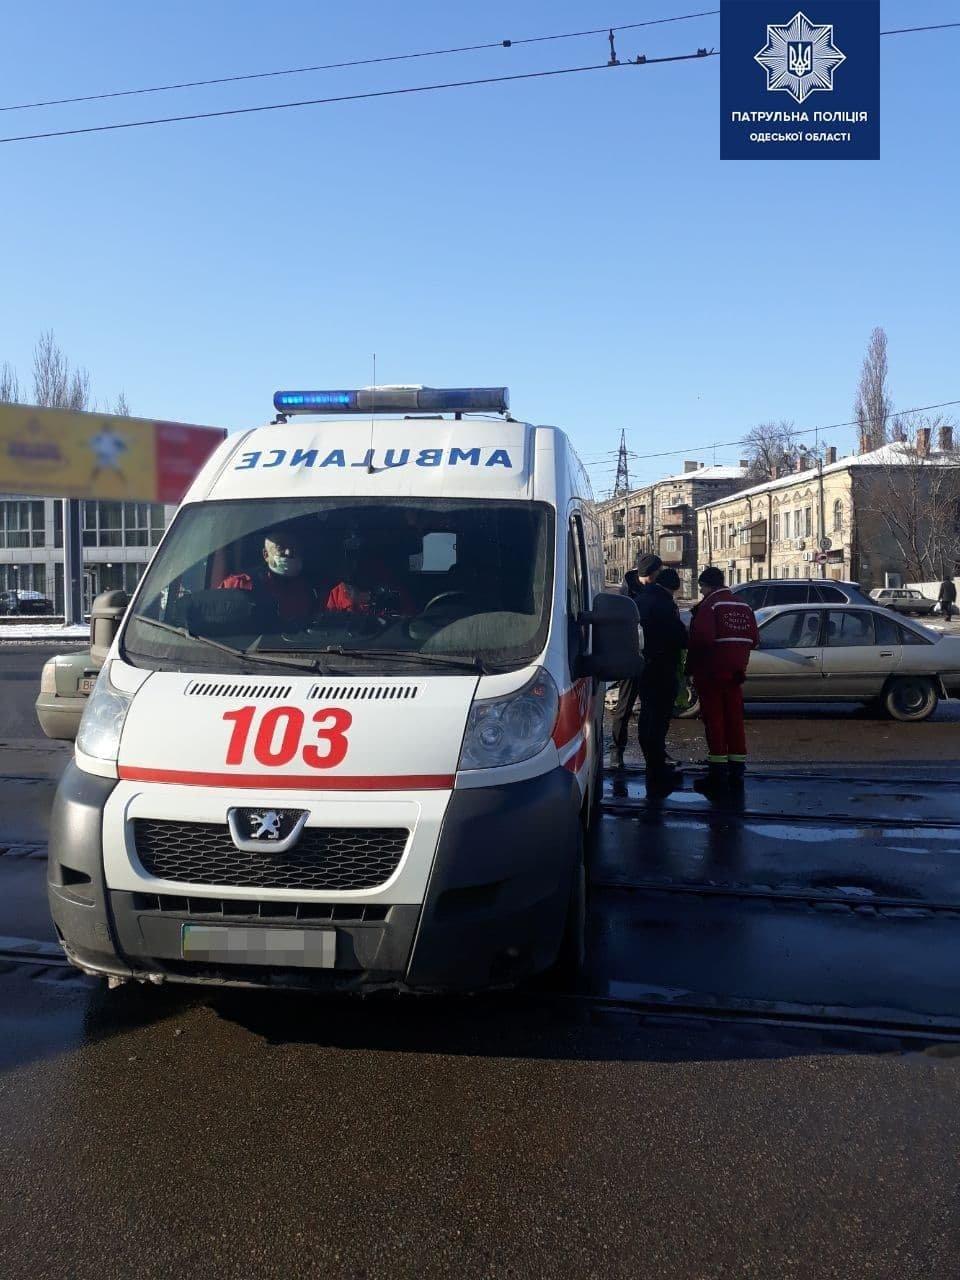 ДТП в Одессе: водитель автомобиля не пропустил скорую с бол..., фото-11